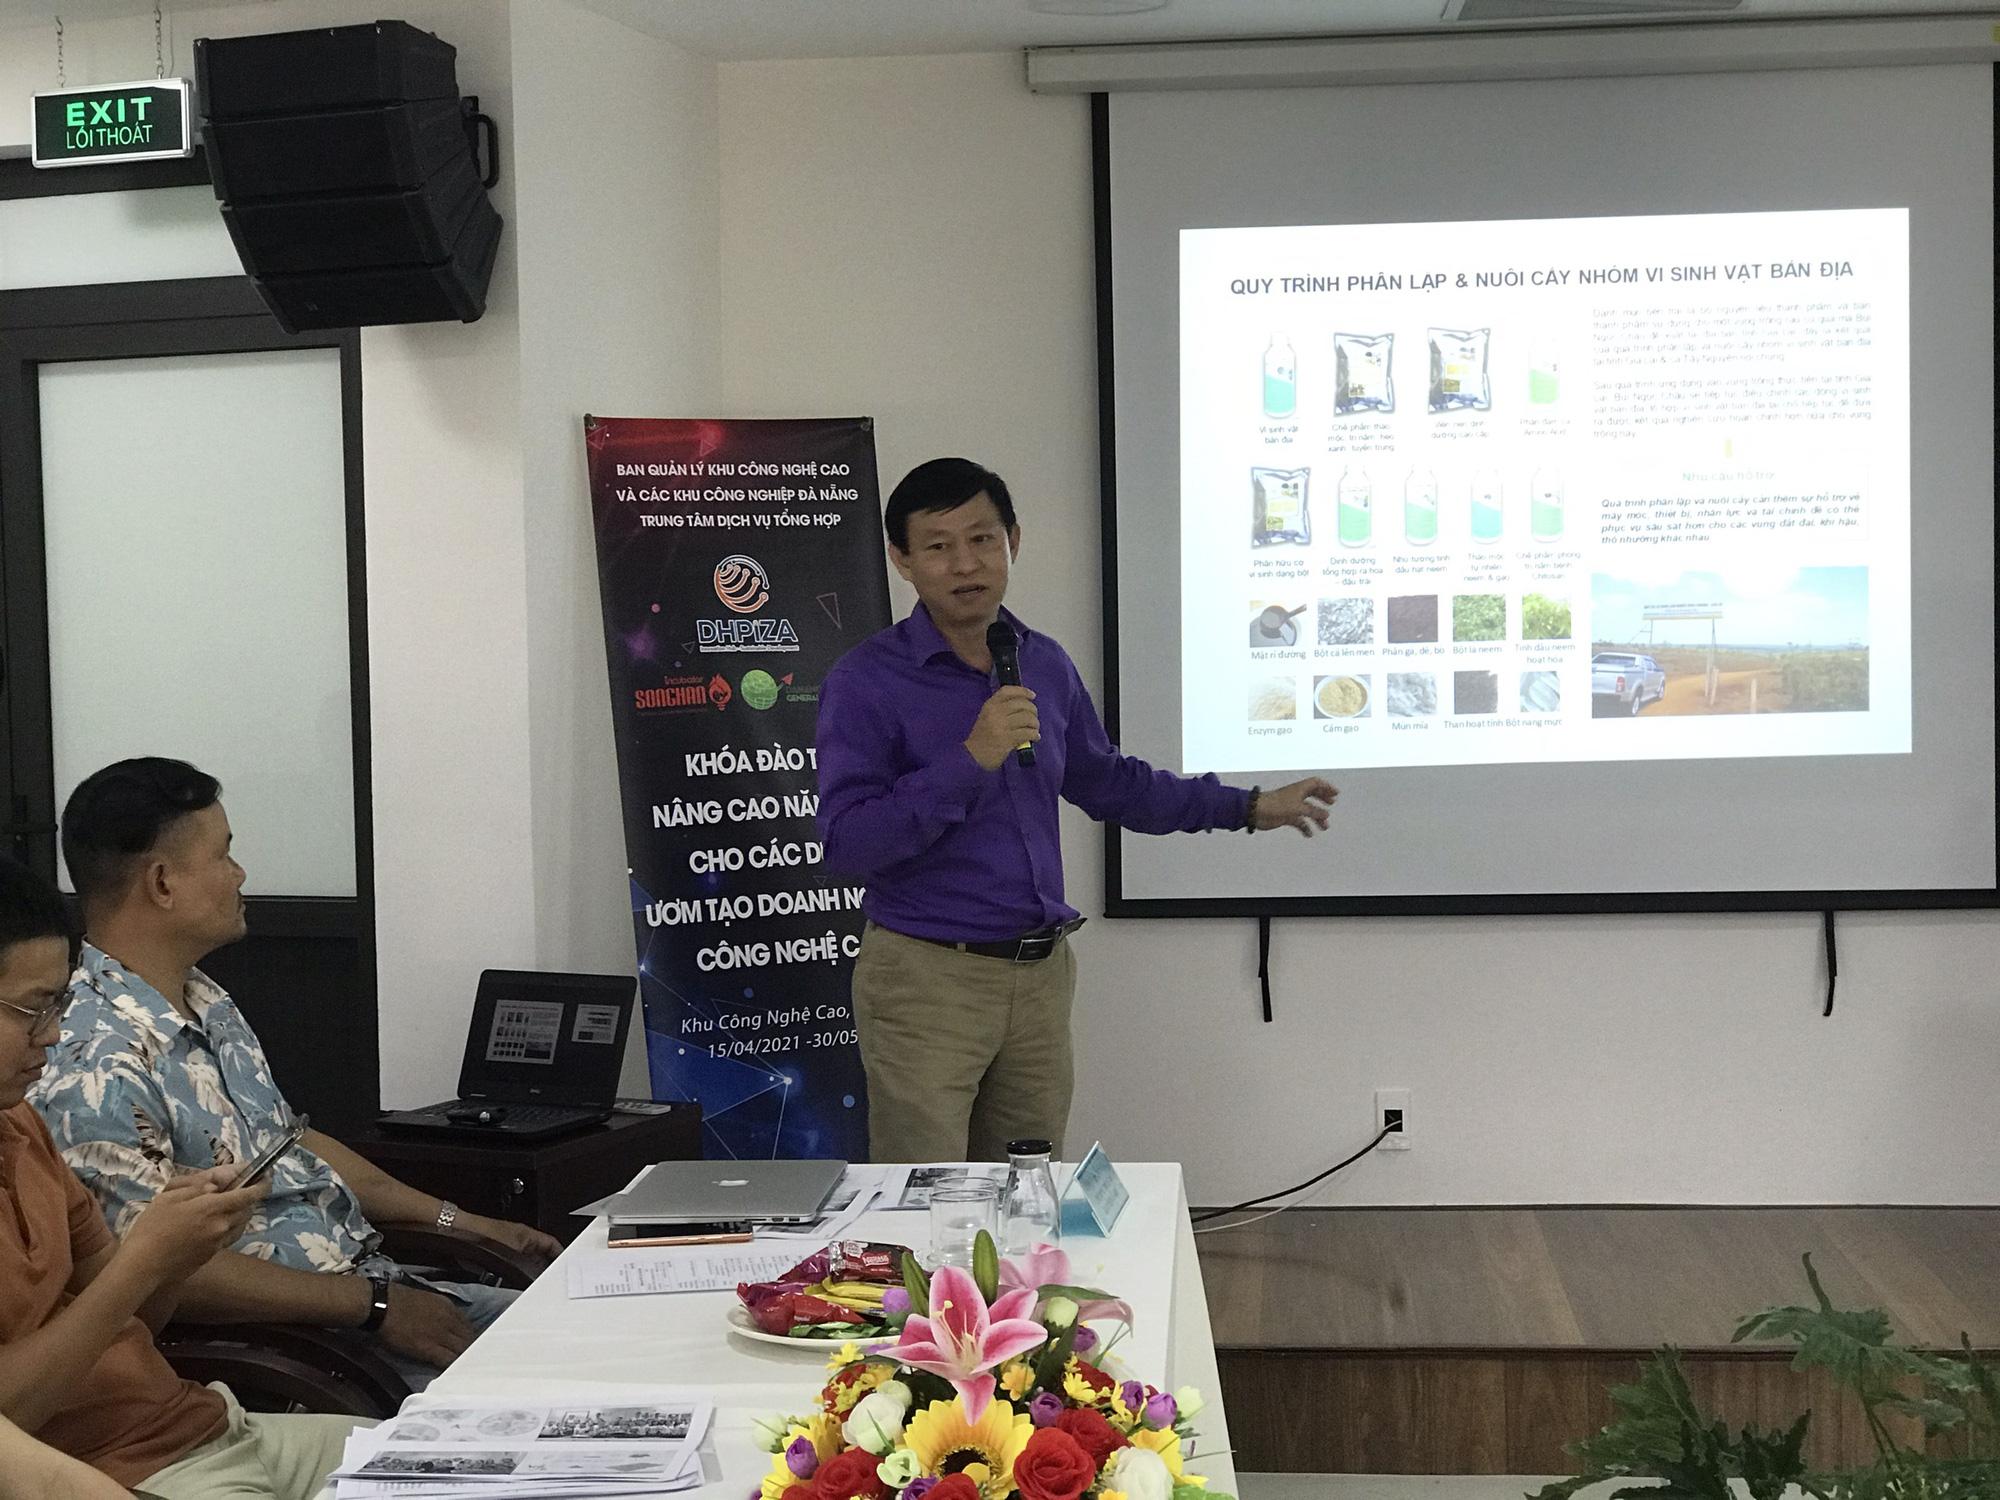 Đà Nẵng: Nâng cao năng lực thu hút đầu tư tài chính cho startup - Ảnh 4.